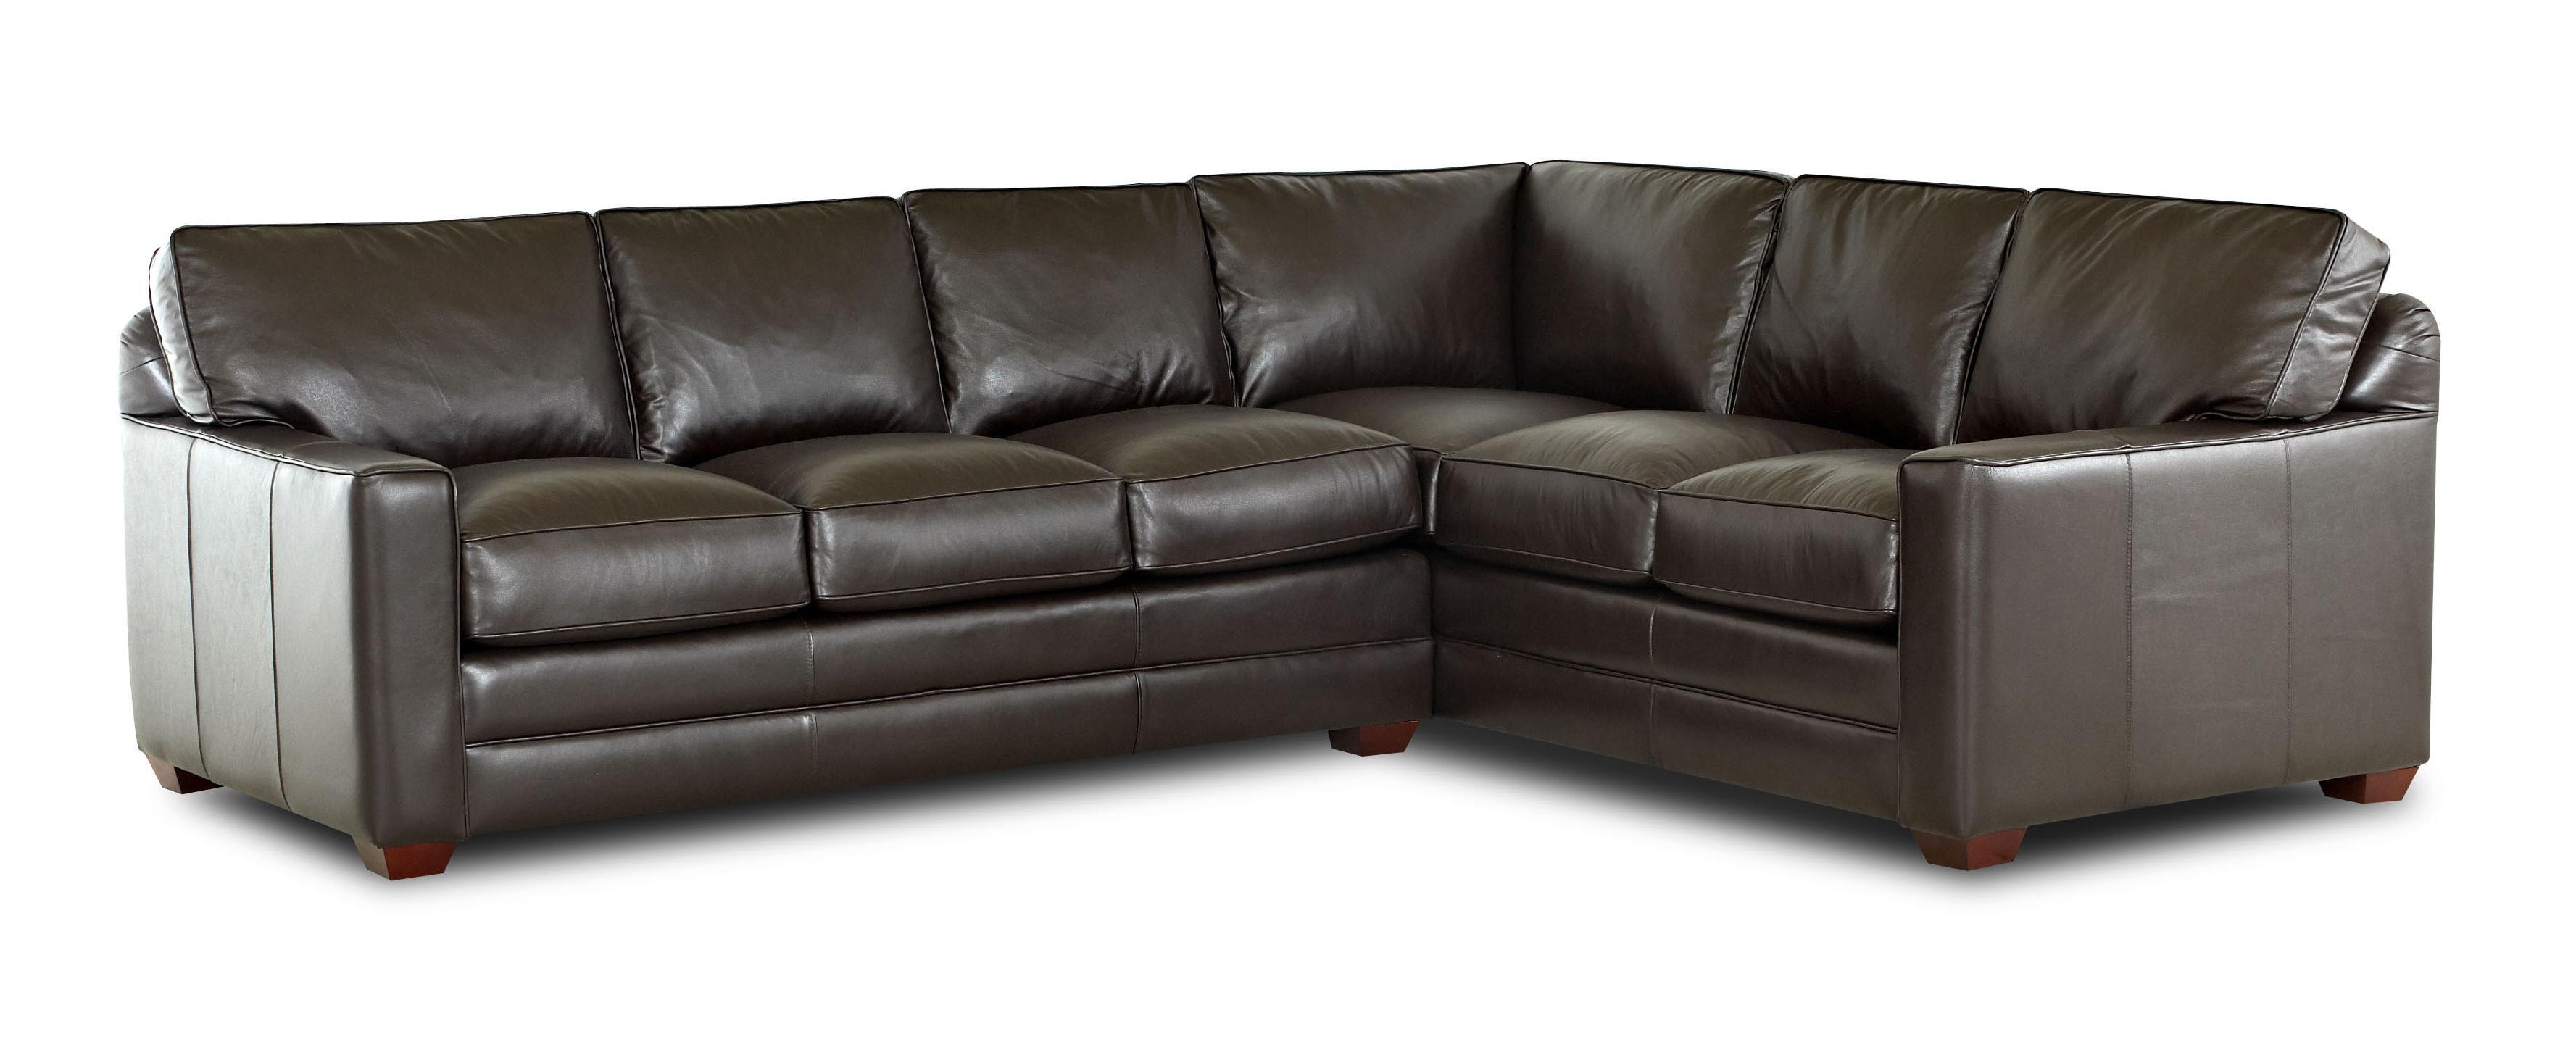 2 Piece Sectional Sofa w/ RAF Corner